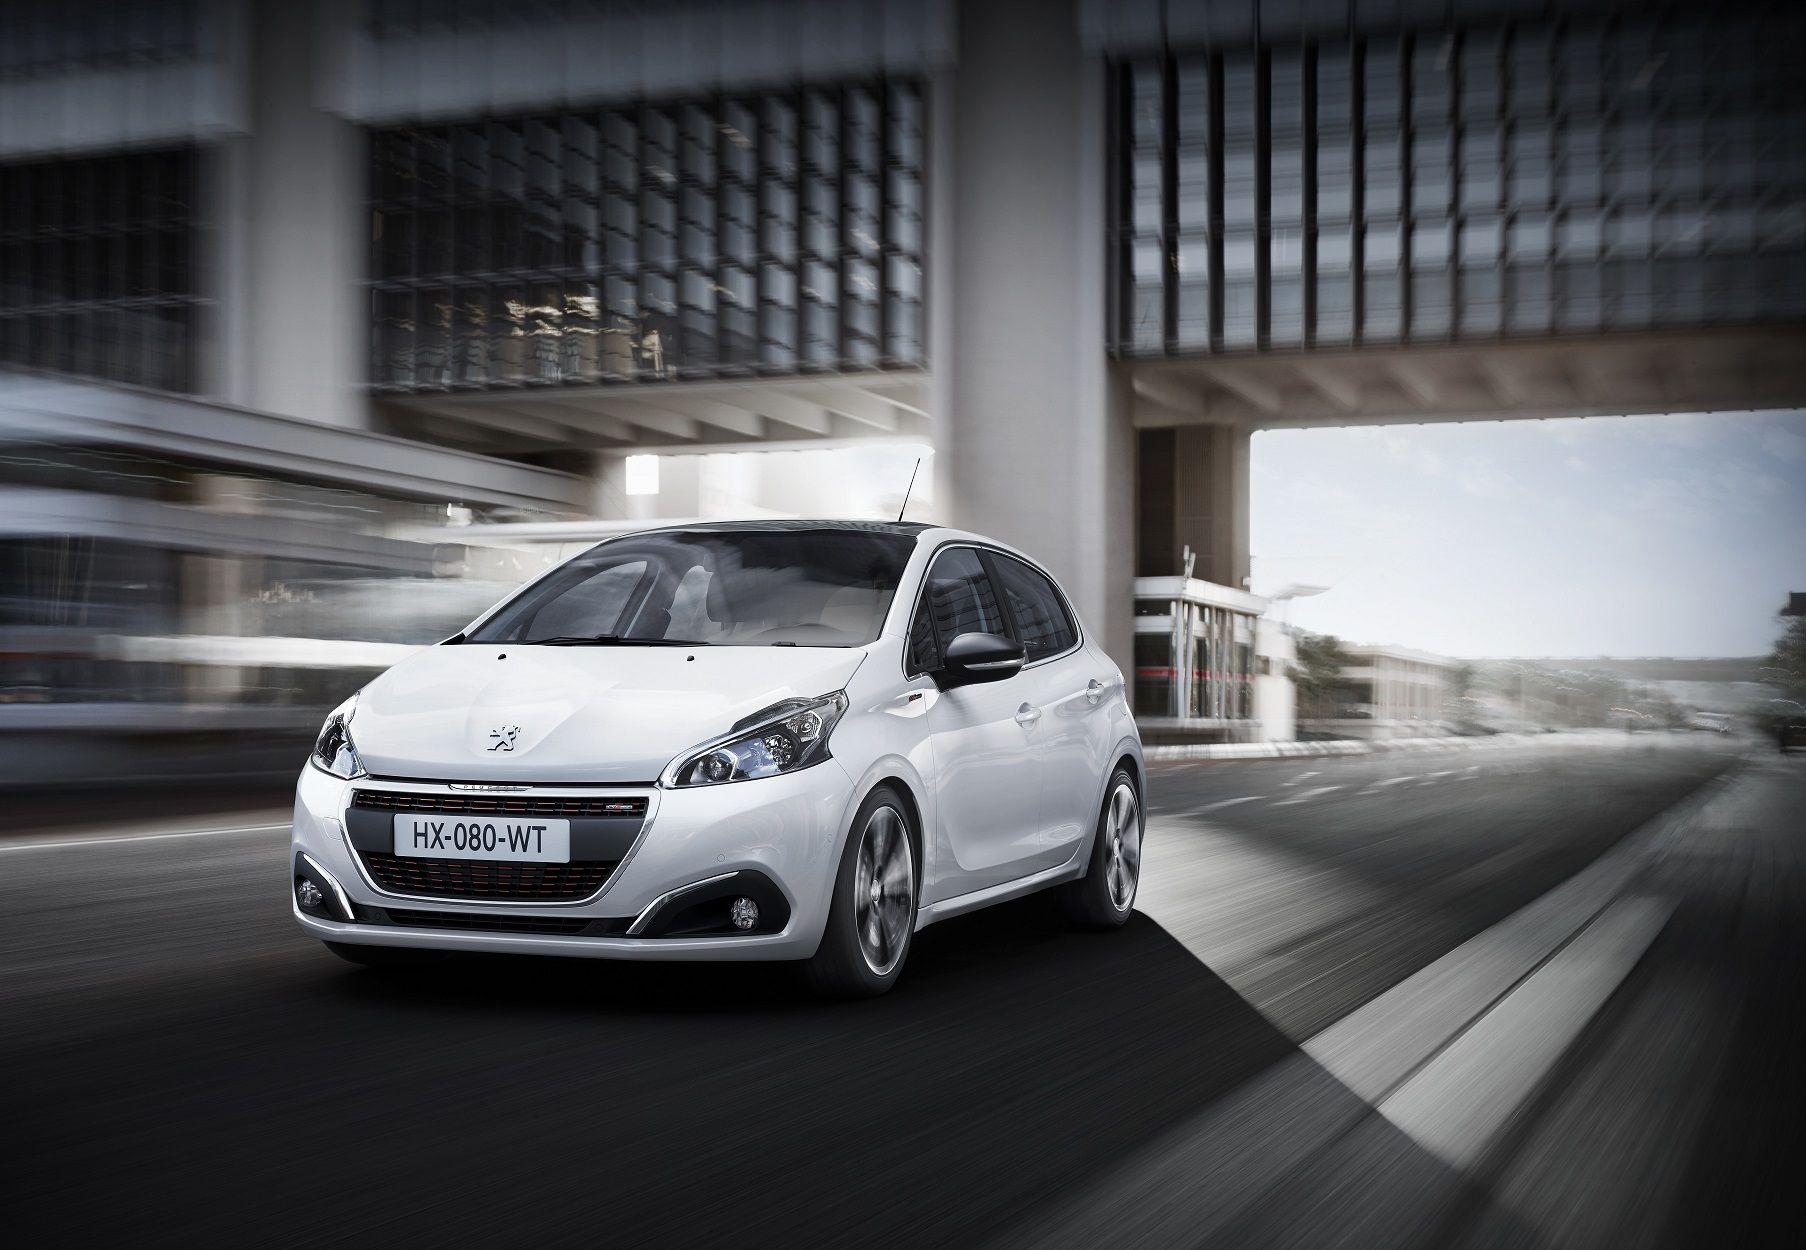 Del 15 al 17 de marzo: 48 Horas para disfrutar de un Peugeot al mejor precio